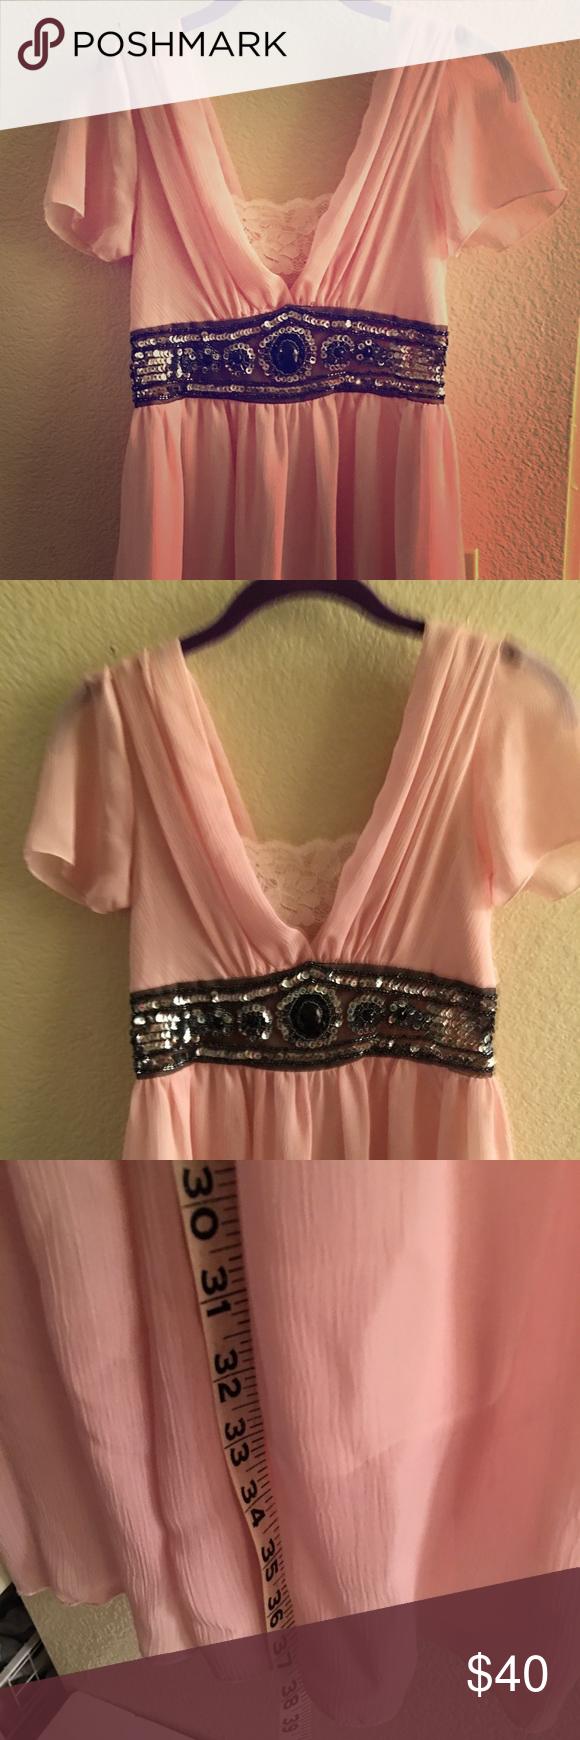 DouCeur (ich hoffe, ich habe das richtig geschrieben) Kleid Couture Mädchen Kleid Größe 15, ich h …   – My Posh Closet